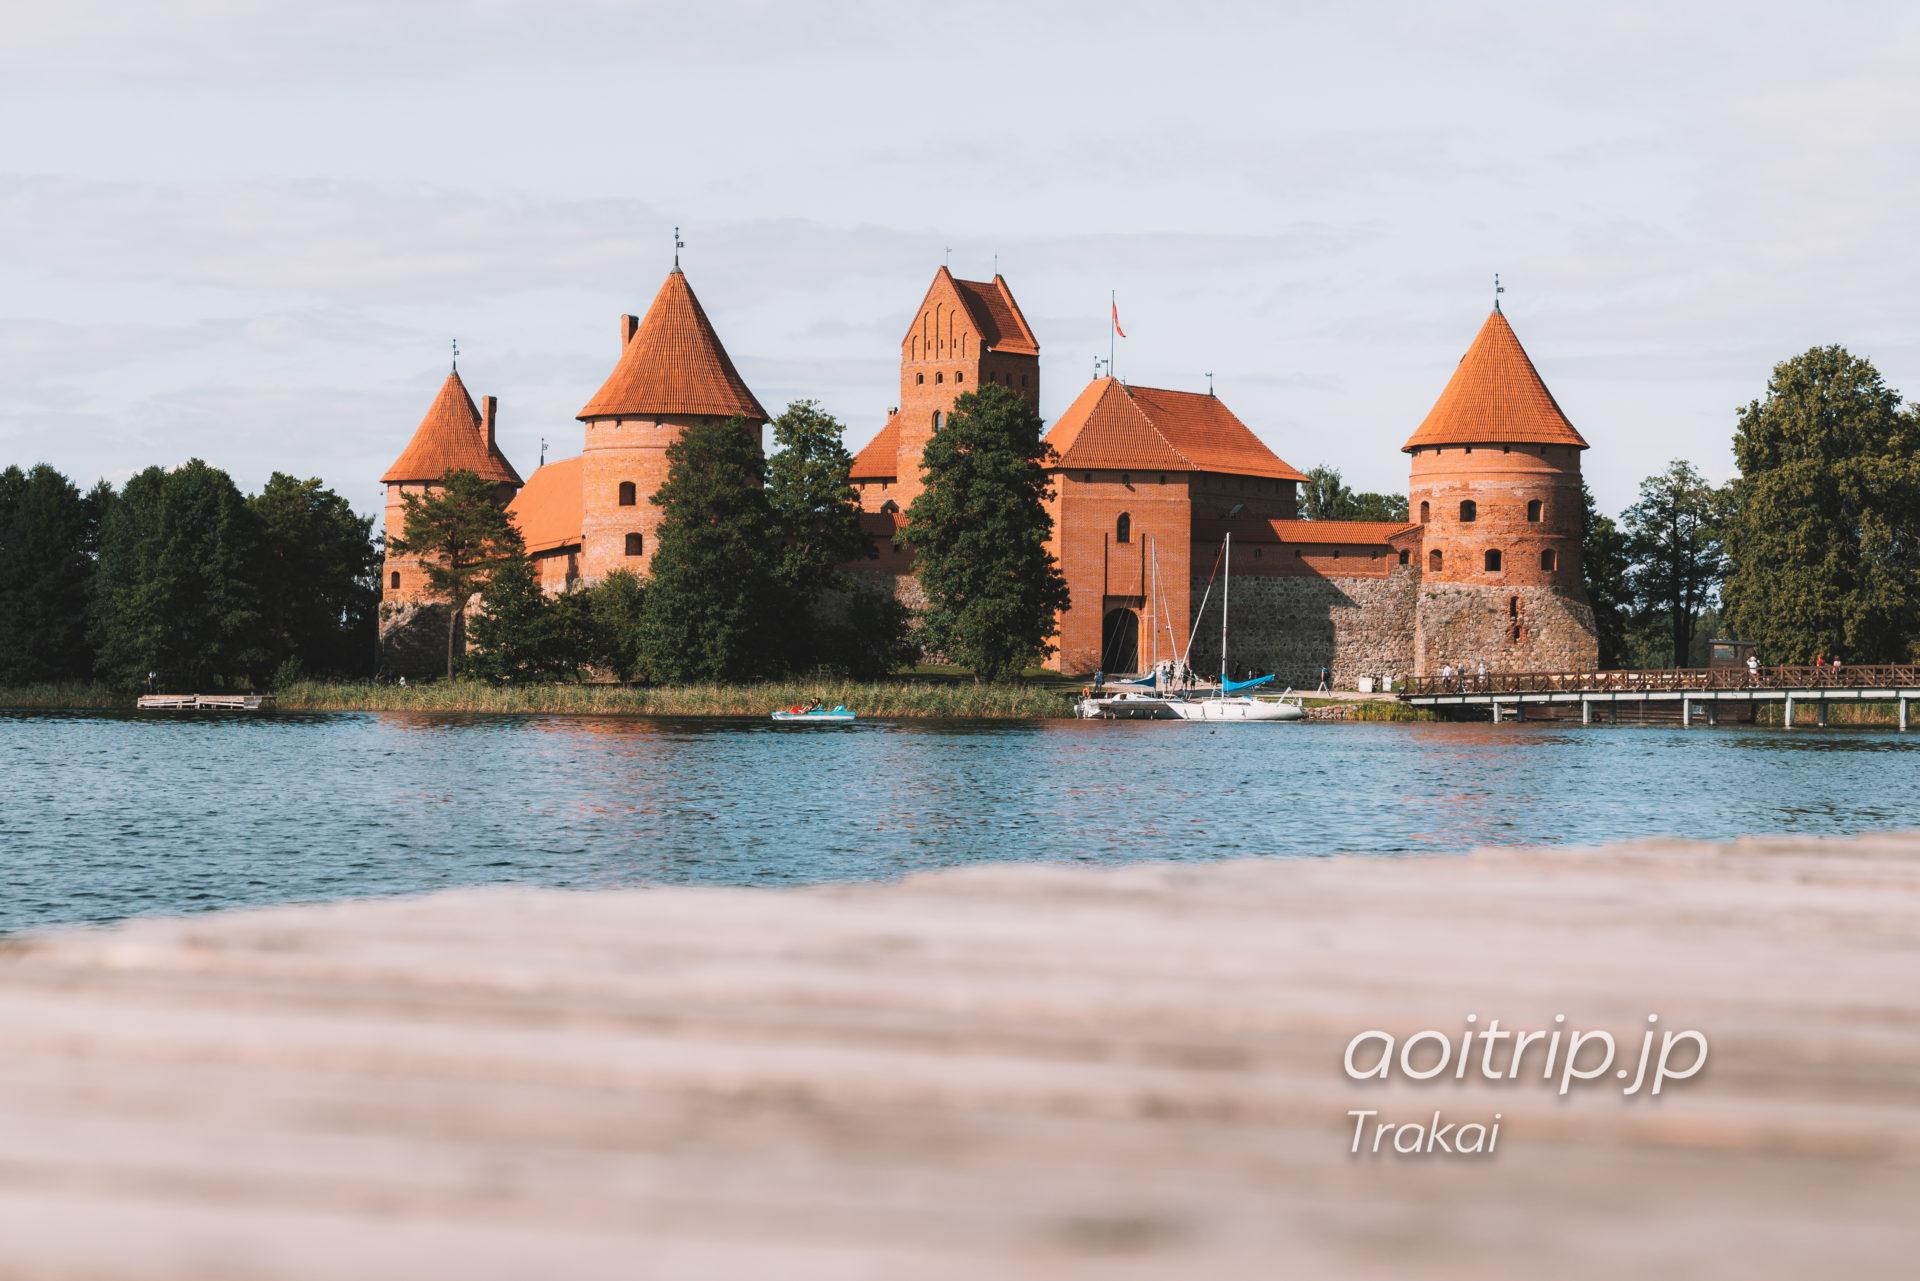 リトアニアのトラカイ城